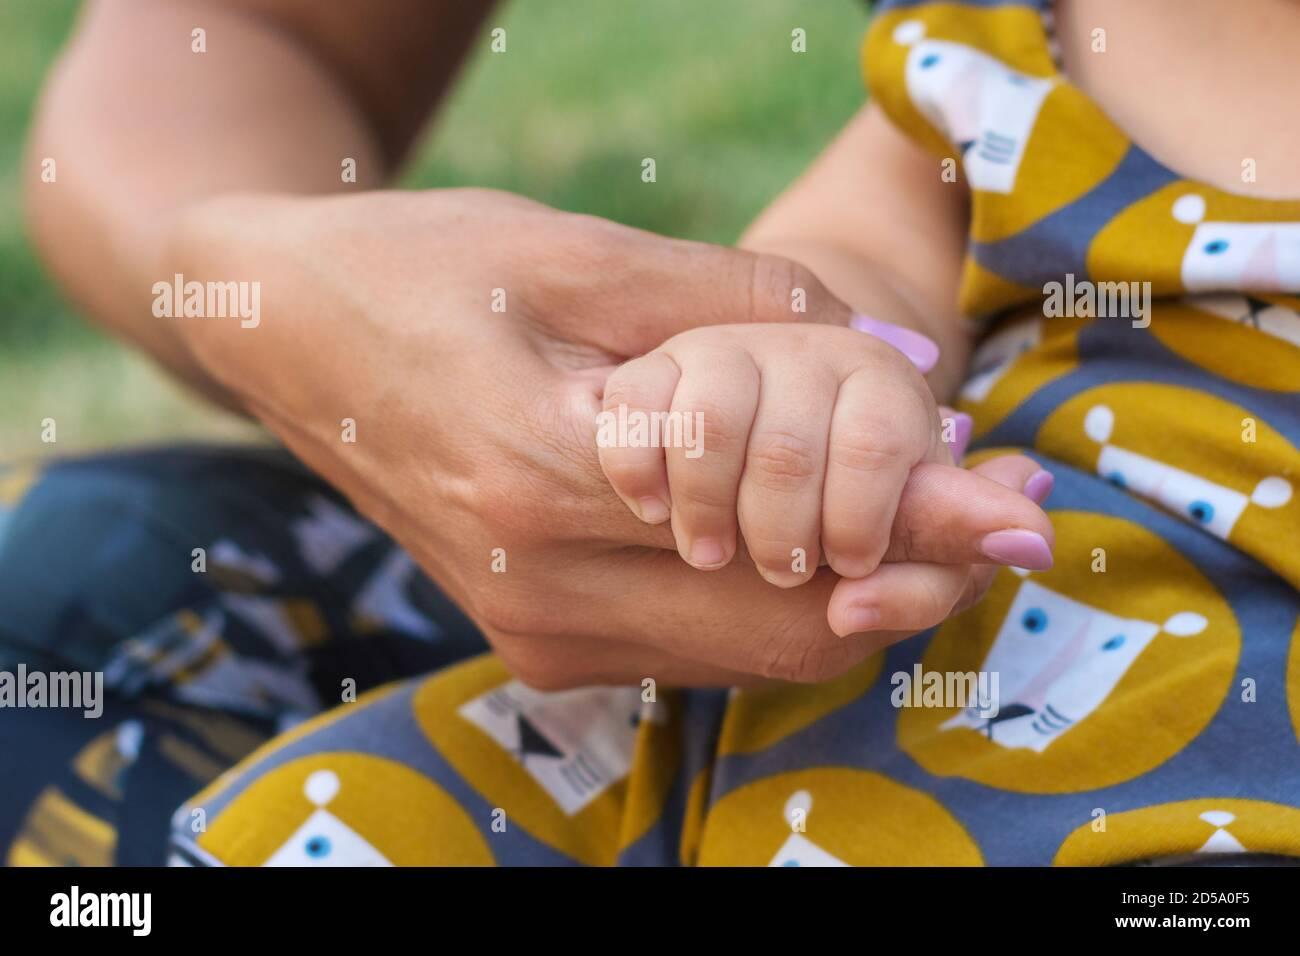 Eine Babyhand hält die Hand der Mutter. Glückliches Familien- und Babyschutzkonzept Stockfoto